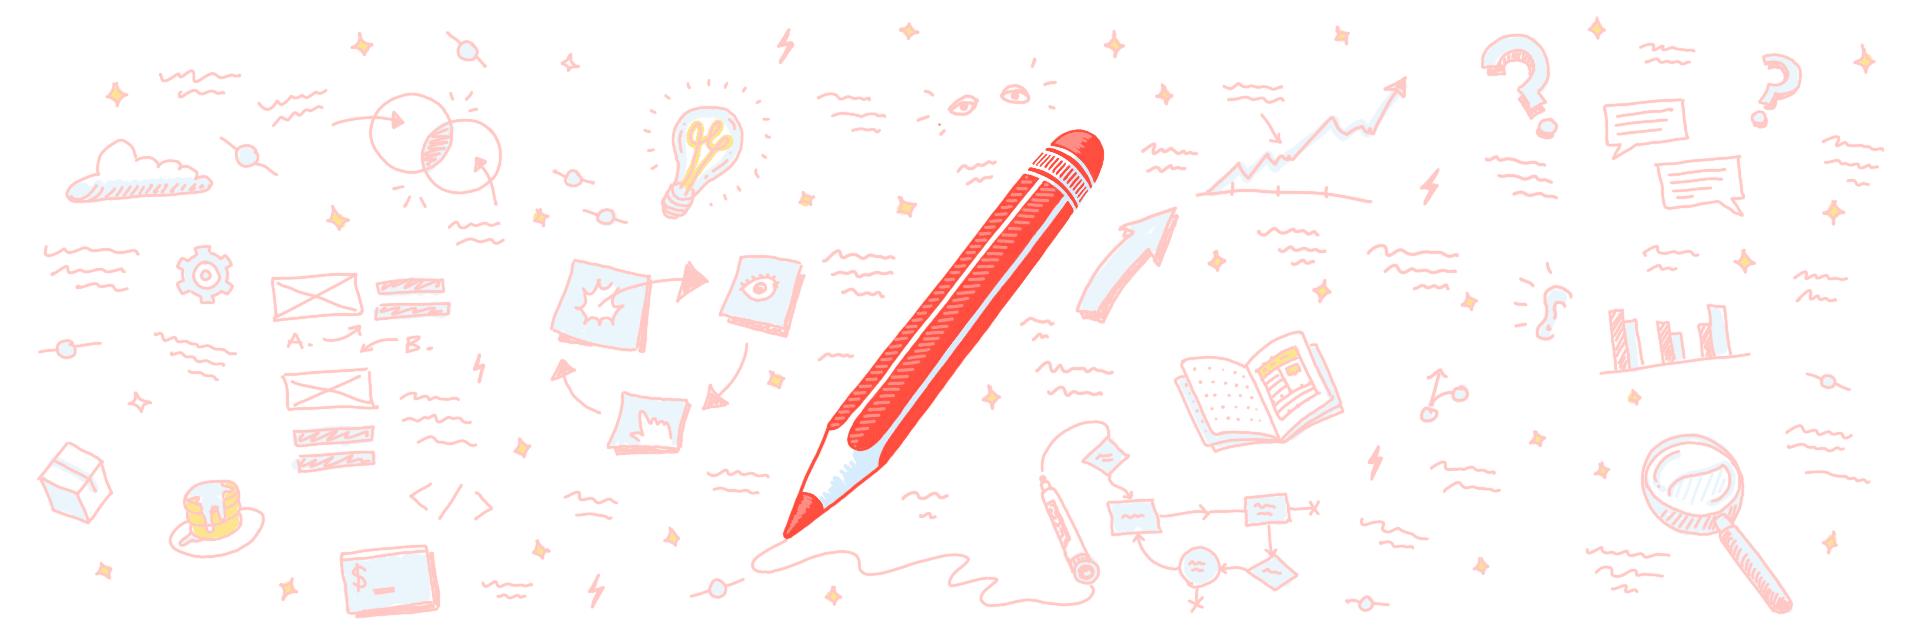 Pencil illustration full